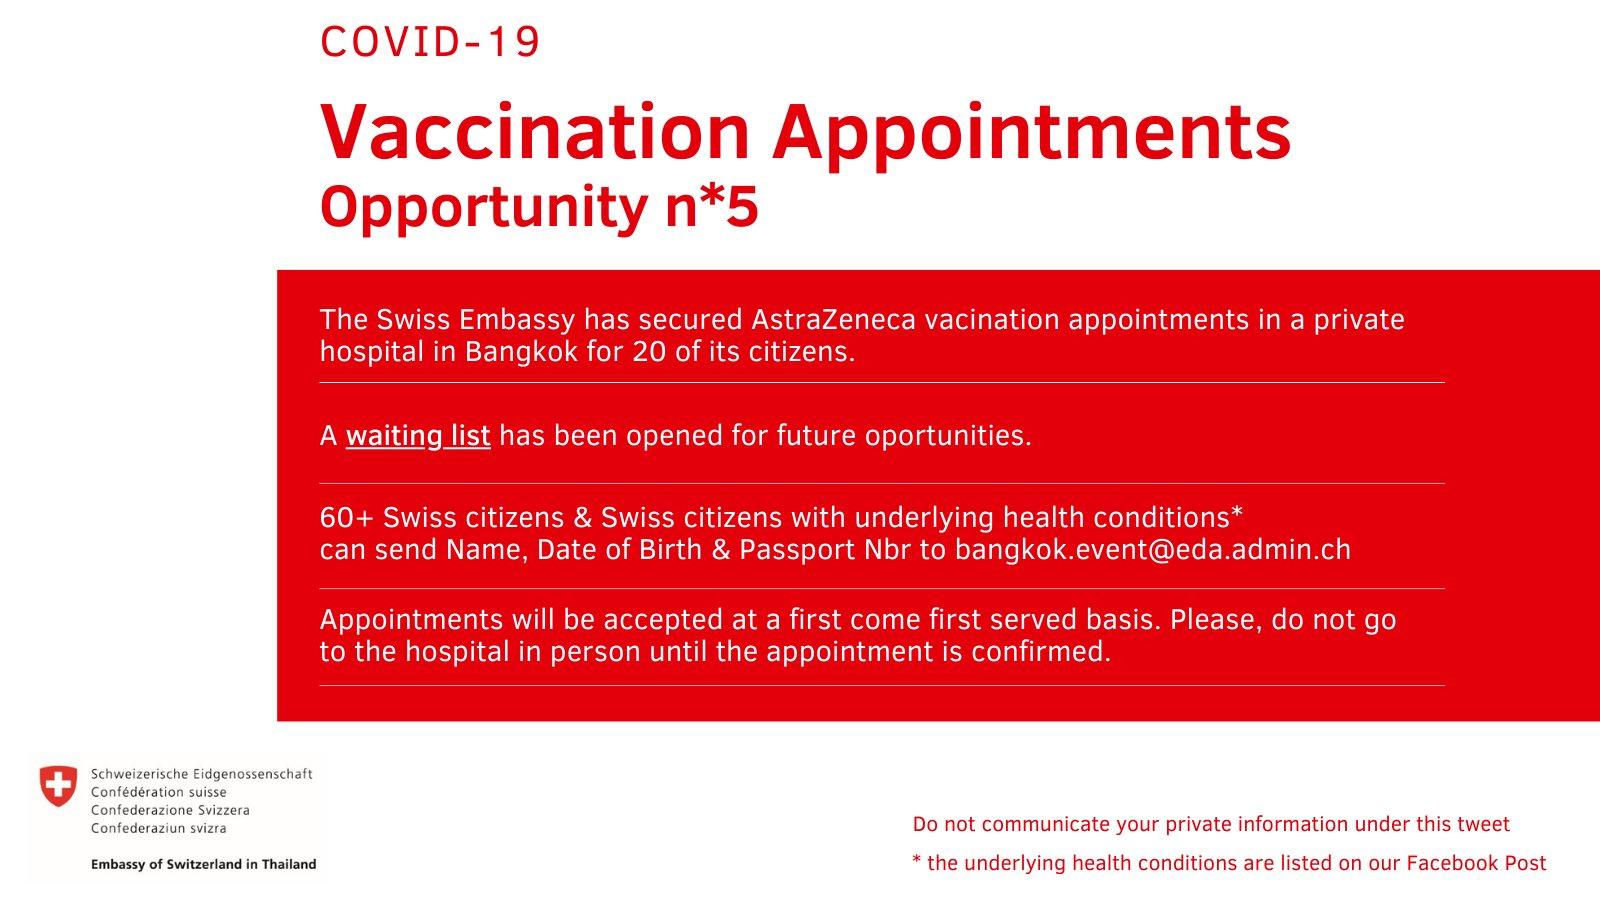 スイス大使館、タイ在住スイス人のために新型コロナワクチンを確保